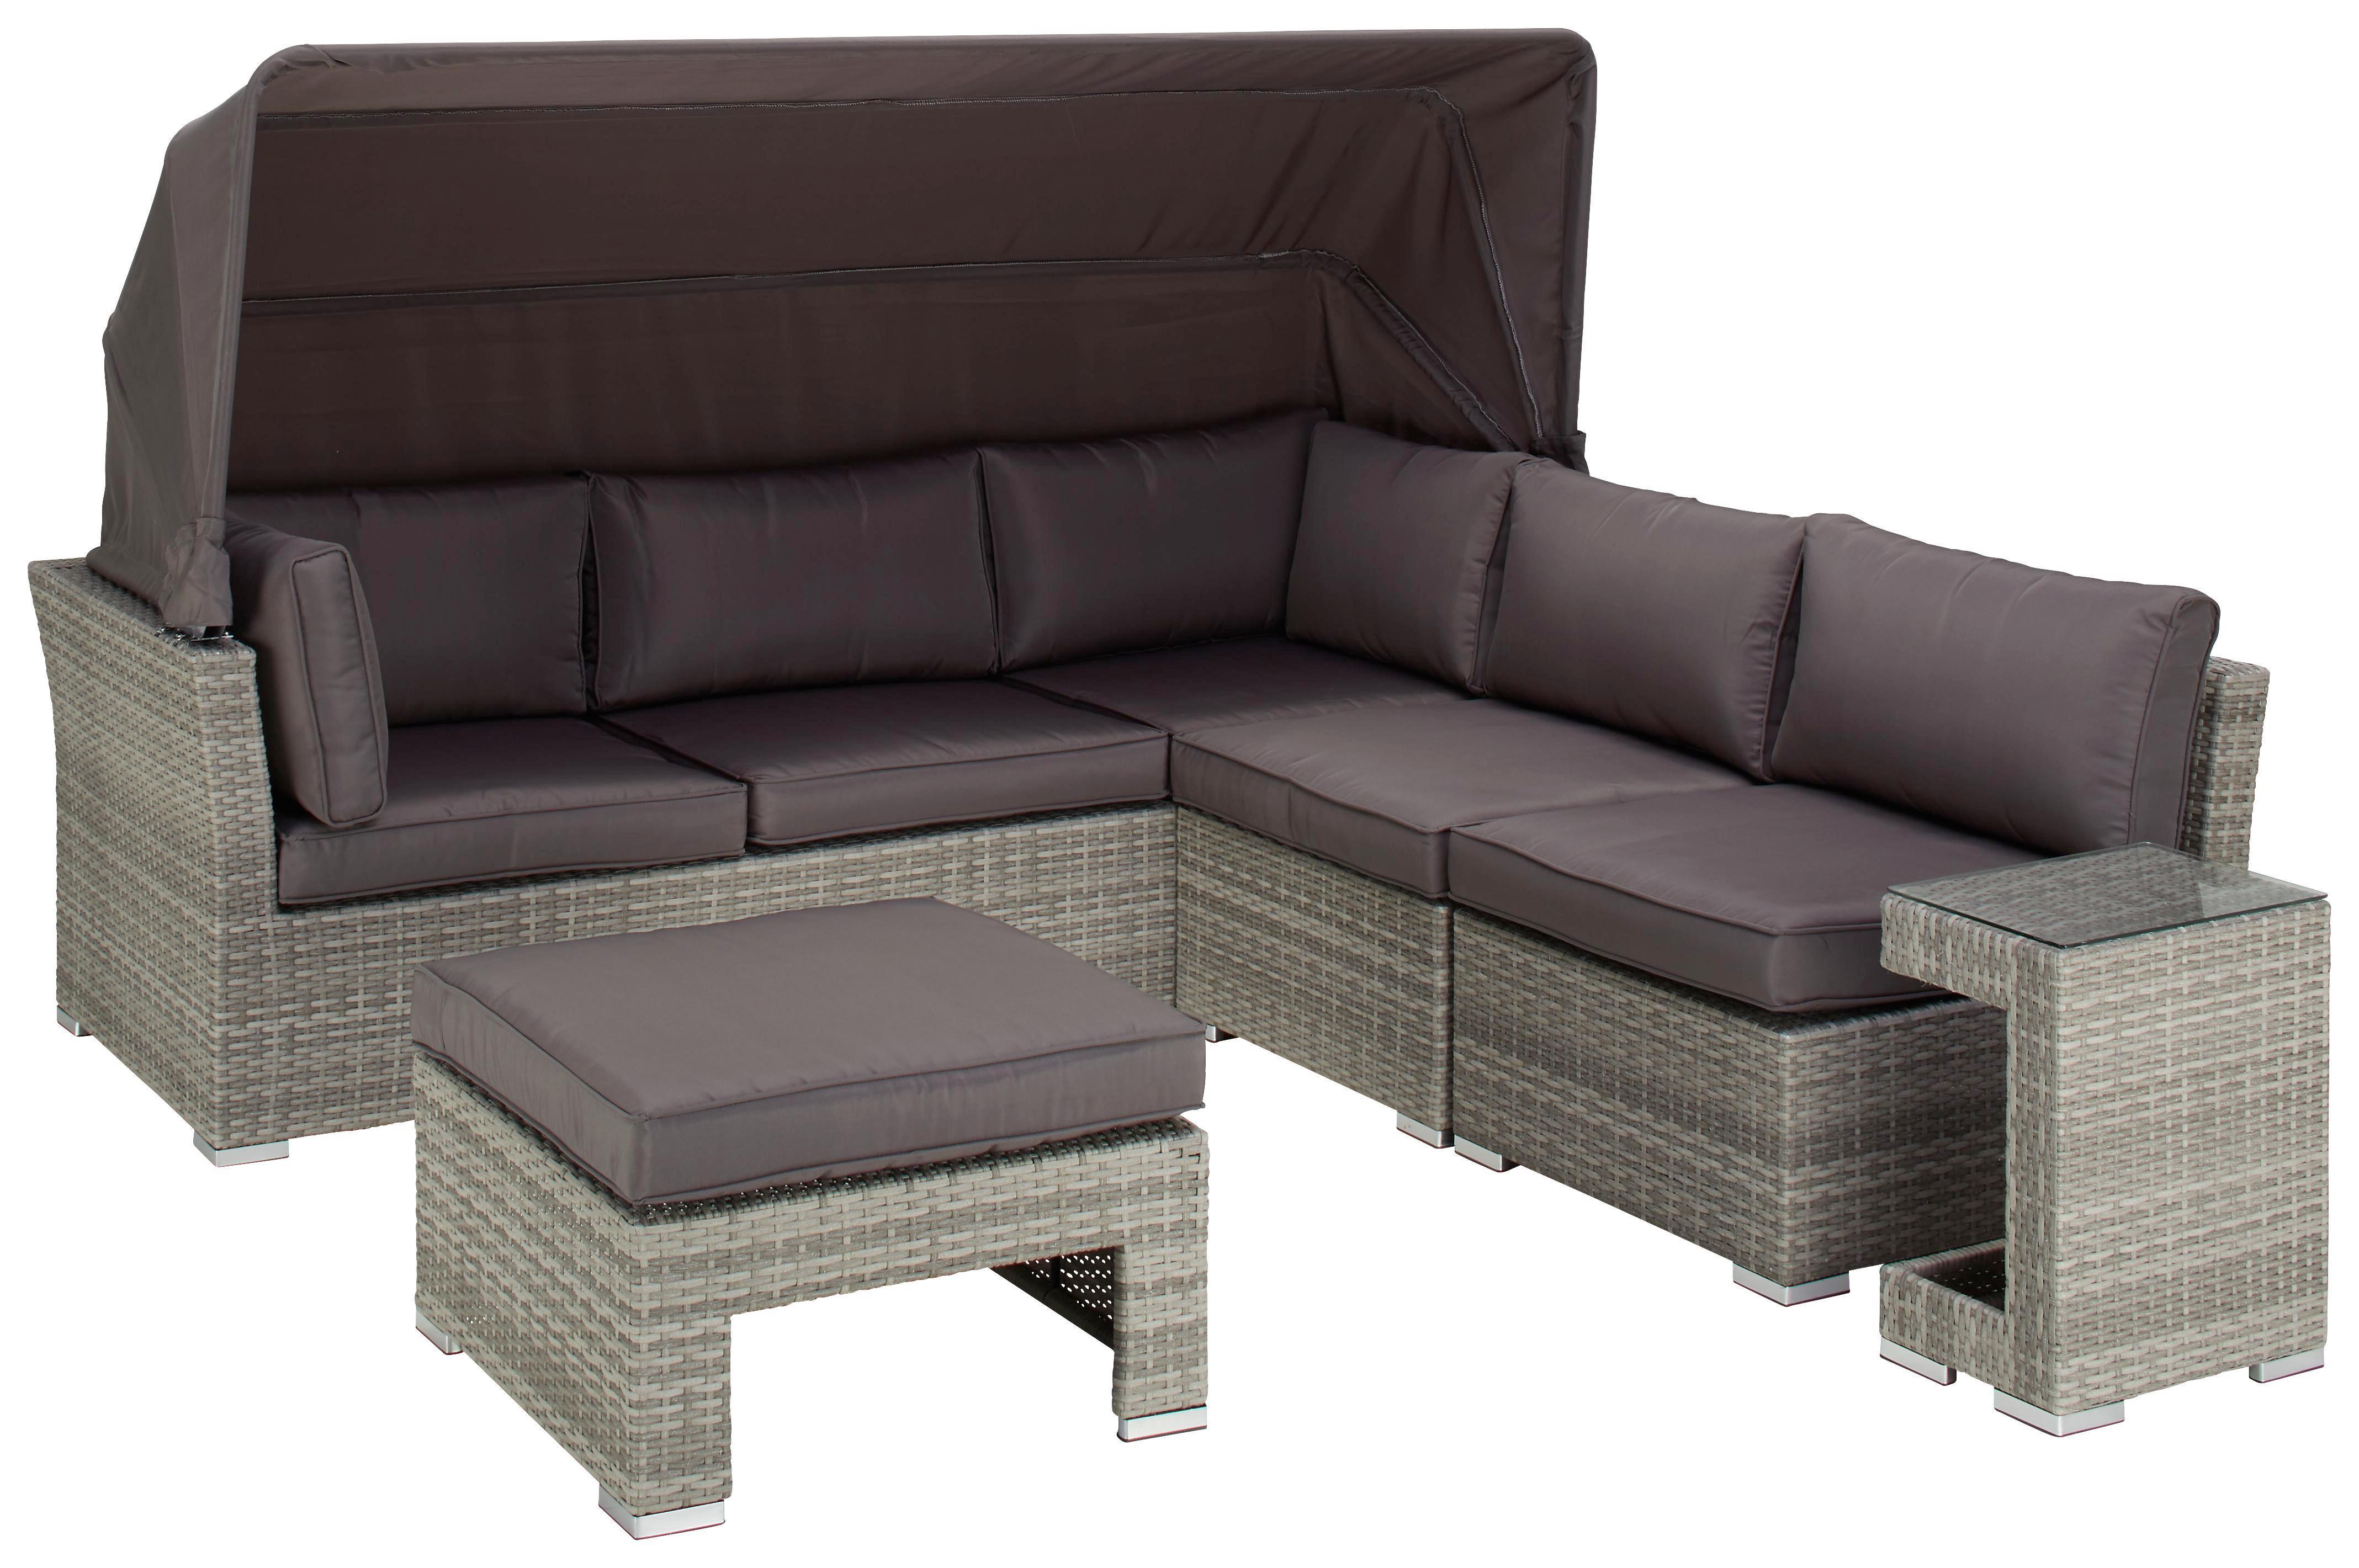 Garten Kissen Store Aufbewahrungstasche Schutz Stuhl Möbel Terrasse Sitz Tisch